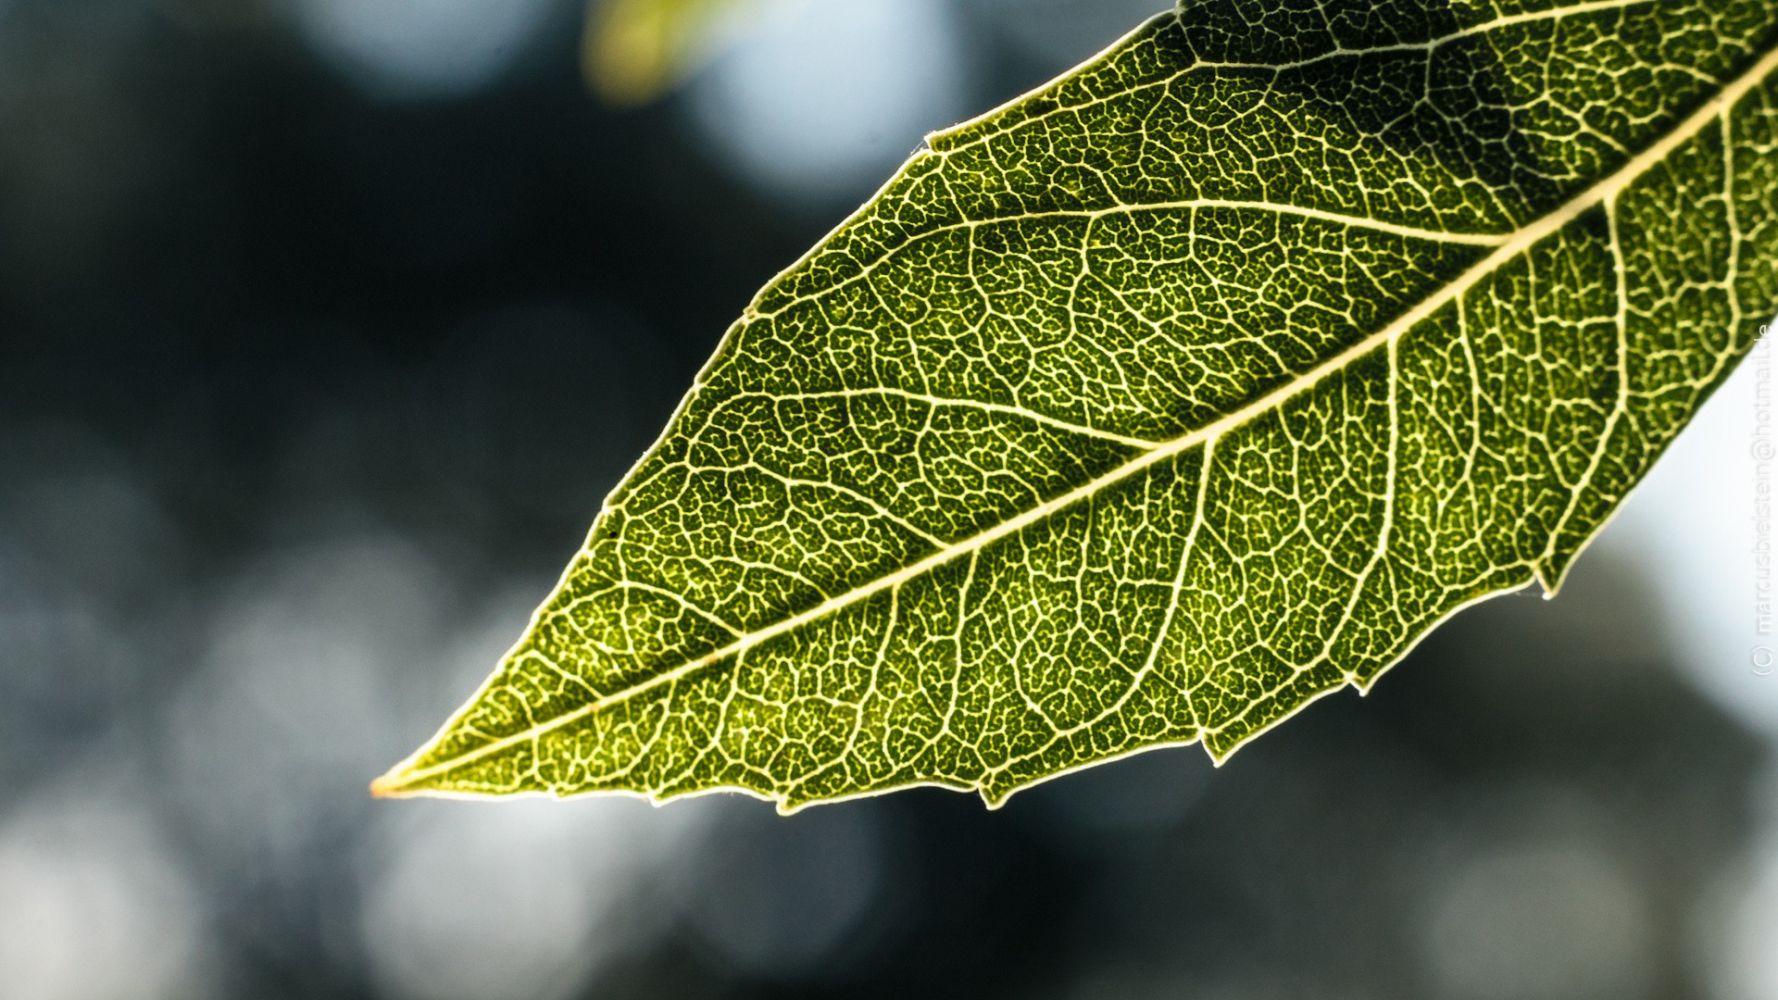 последняя макро фото листьев получения стабильных урожаев